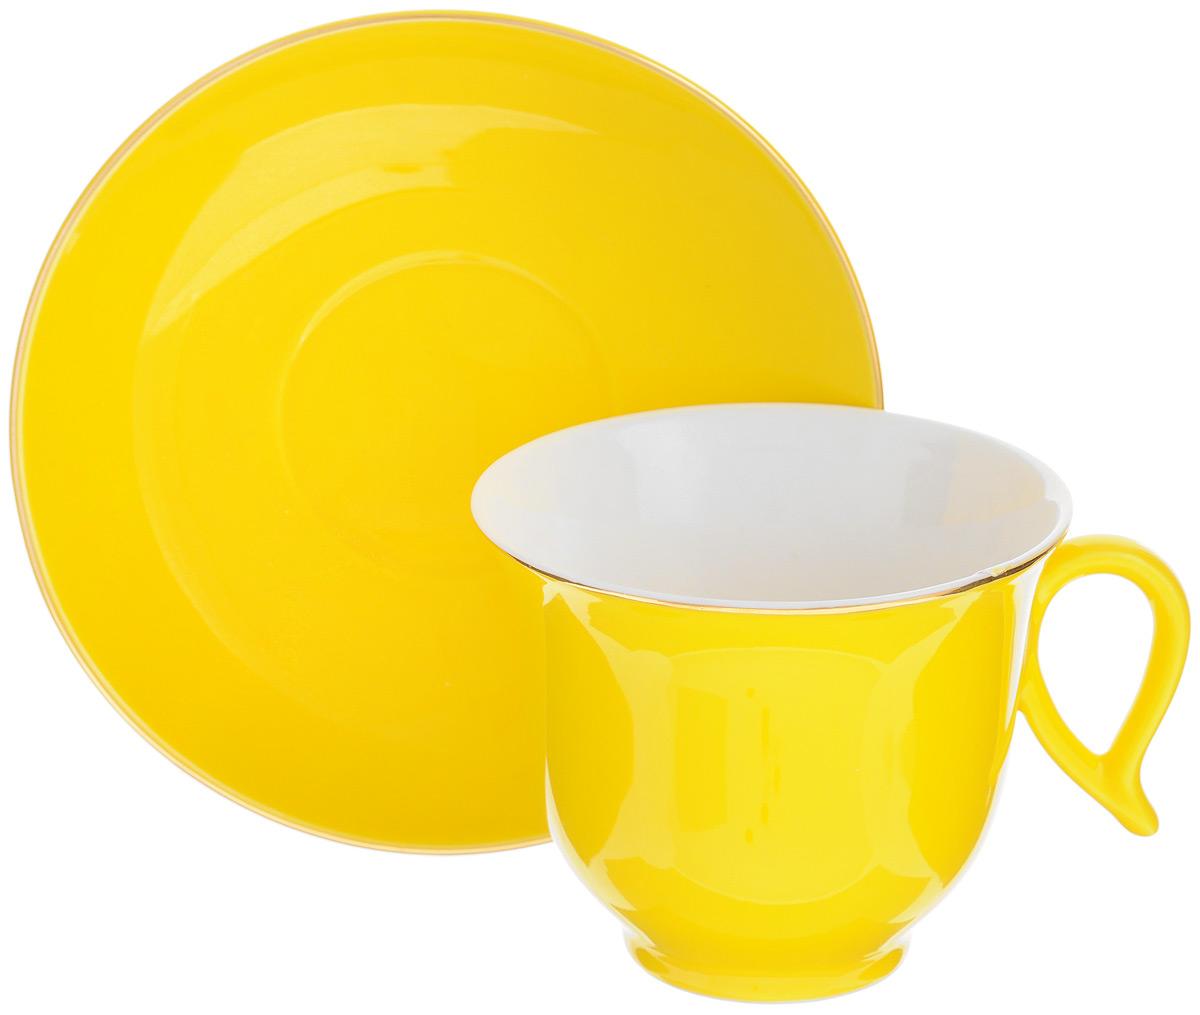 Чайная пара Loraine, цвет: желтый, золотистый, 2 предмета24741Чайная пара Loraine состоит из чашки и блюдца, изготовленных из костяного фарфора высшего качества, отличающегося необыкновенной прочностью и небольшим весом. Яркий дизайн изделий, несомненно, придется вам по вкусу. Чайная пара Loraine украсит ваш кухонный стол, а также станет замечательным подарком к любому празднику. Объем чашки: 220 мл. Диаметр чашки (по верхнему краю): 9,5 см. Высота чашки: 7,8 см. Диаметр блюдца: 14,5 см. Высота блюдца: 2,4 см.